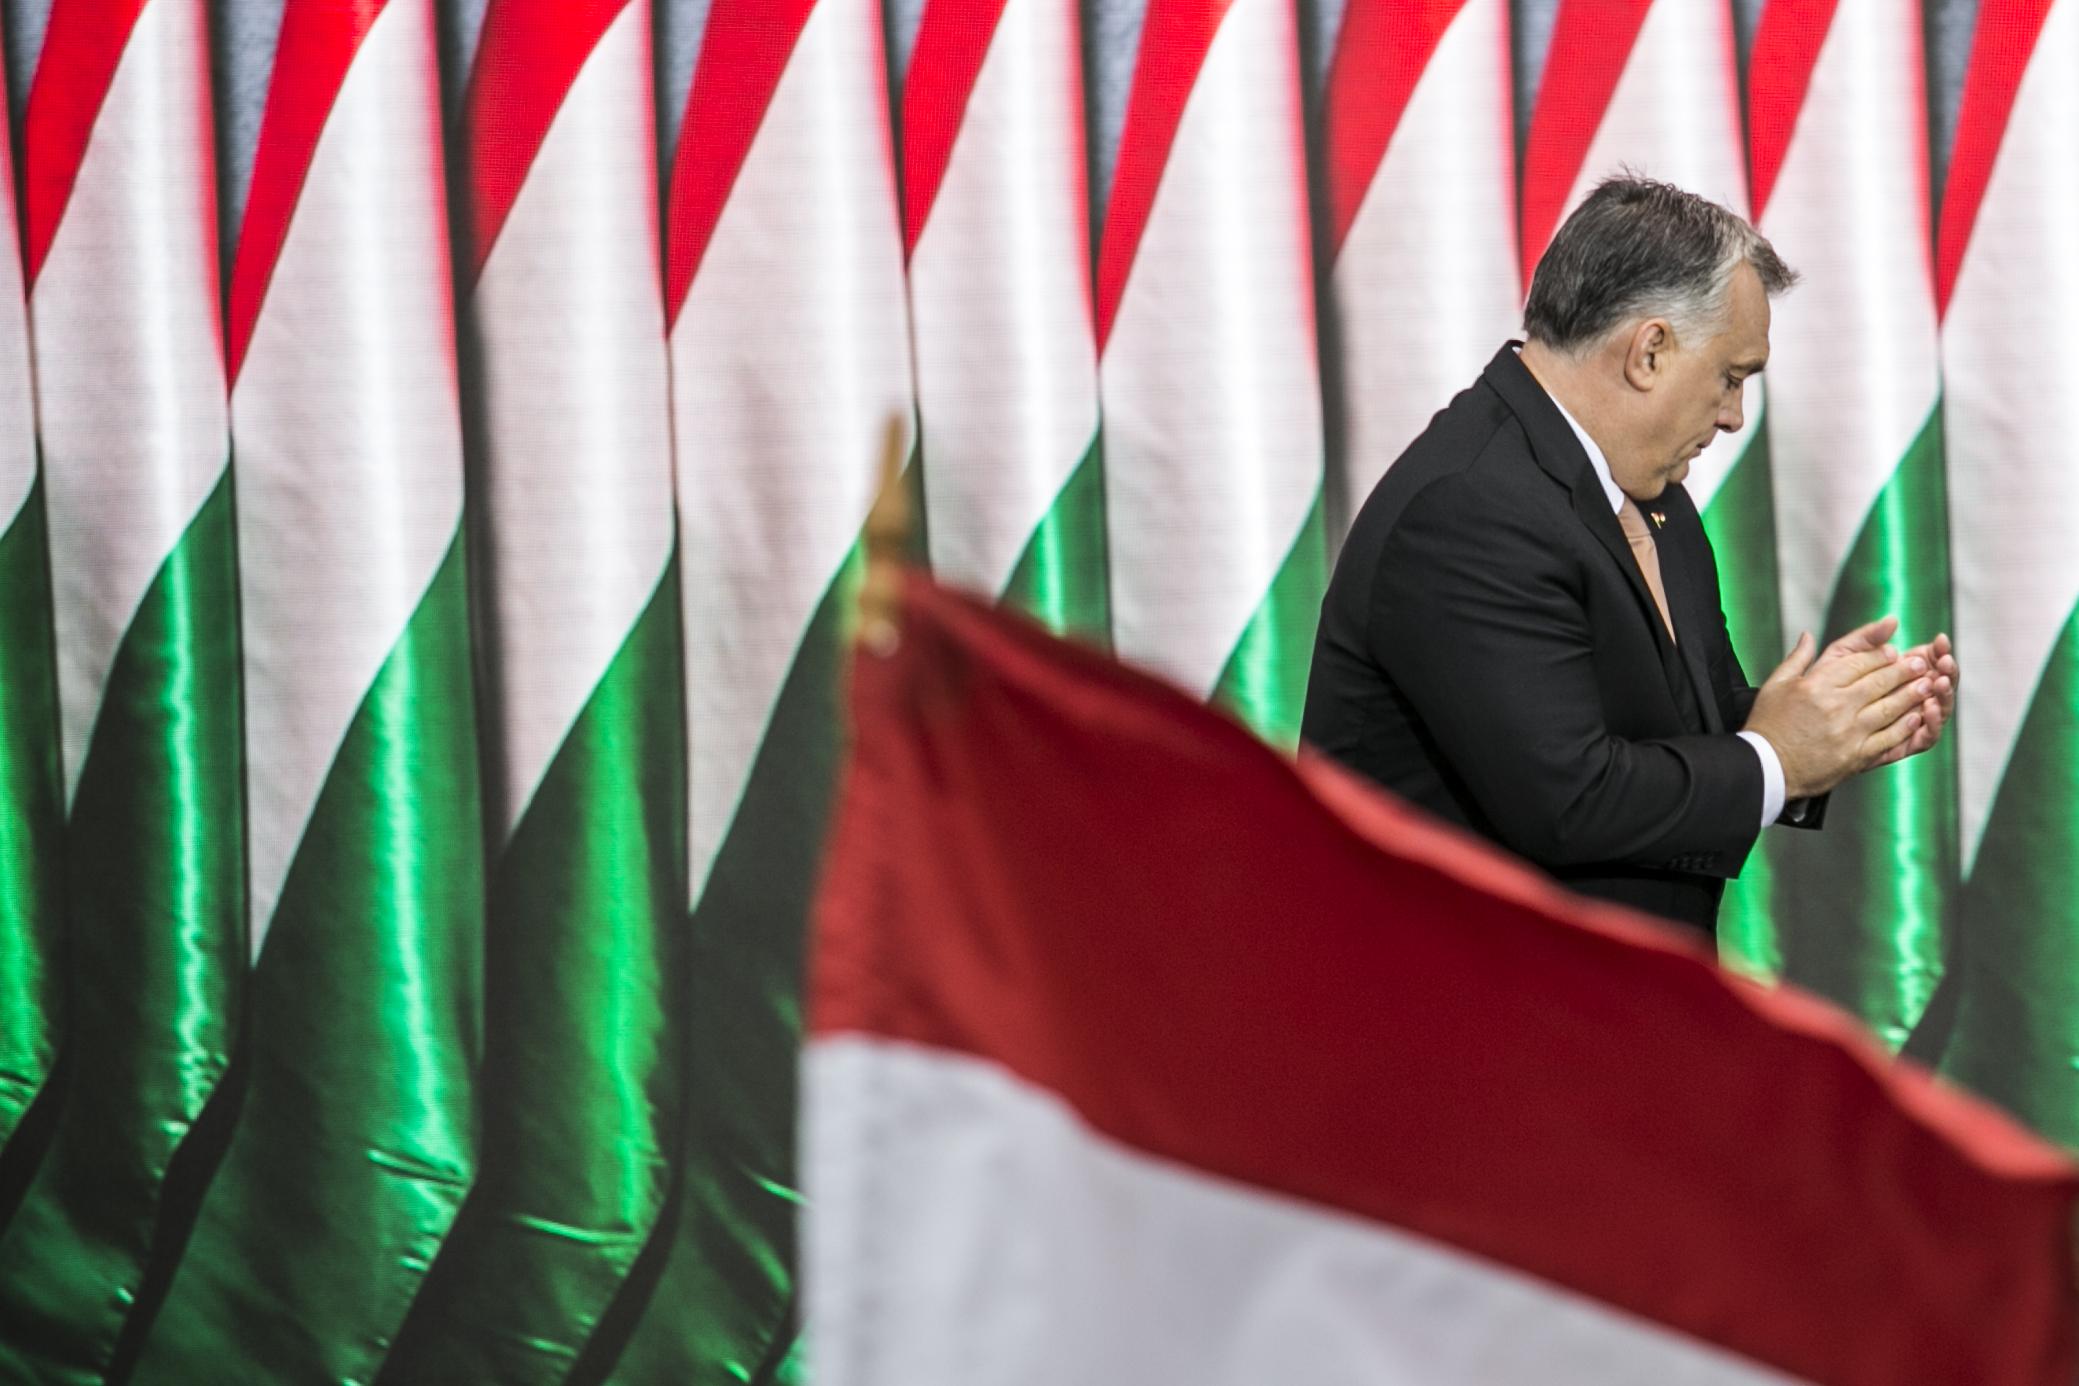 Sok fideszes is elhiszi, hogy Orbán Grazba jár kezelésre és zsarolják az oroszok